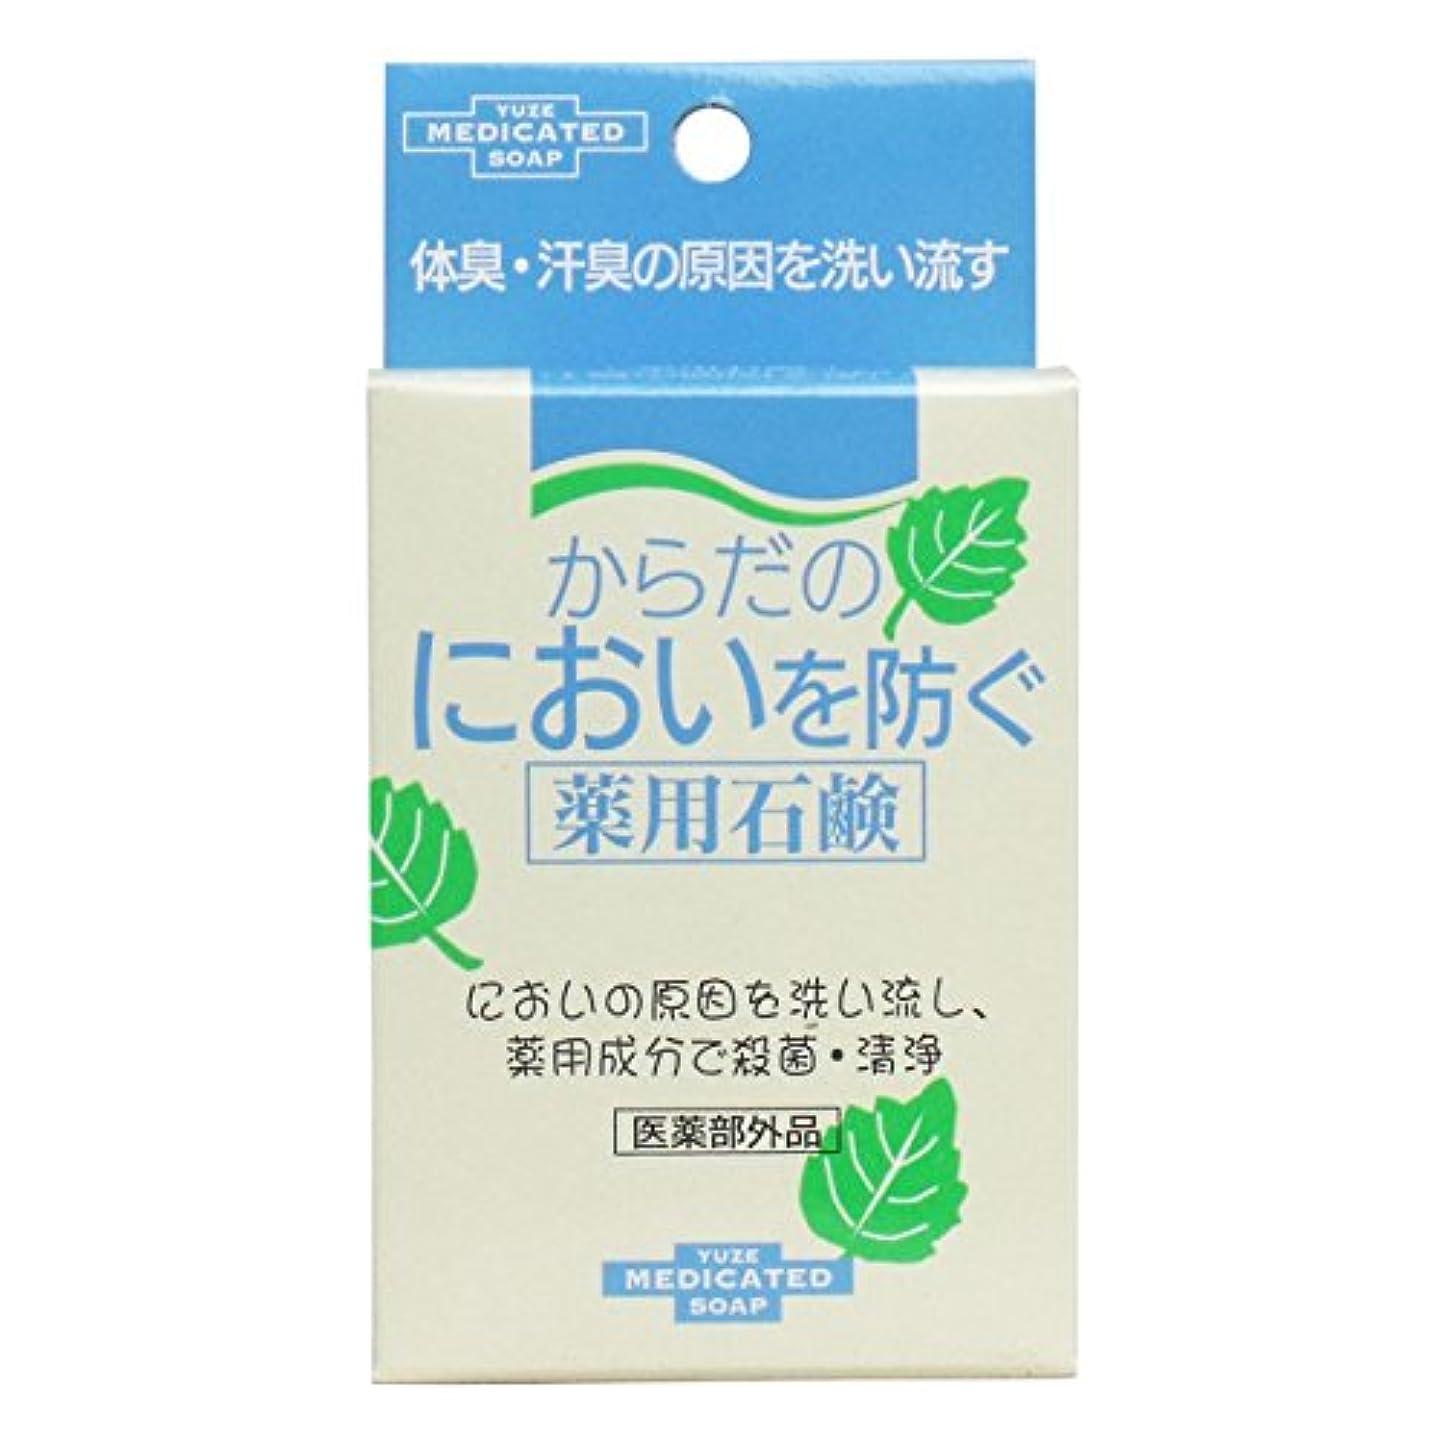 慣性ブランド名違うからだのにおいを防ぐ薬用石鹸 110g ユゼ